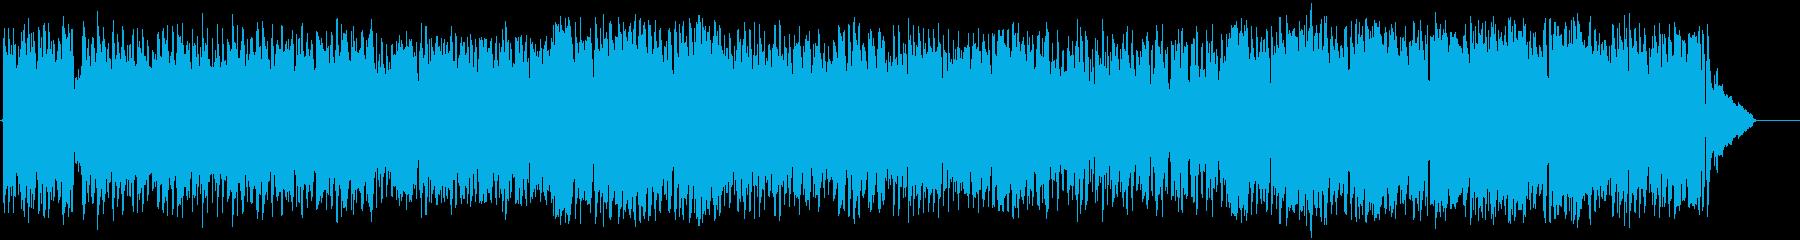 懐しいビッグバンドジャズ(フルサイズ)の再生済みの波形